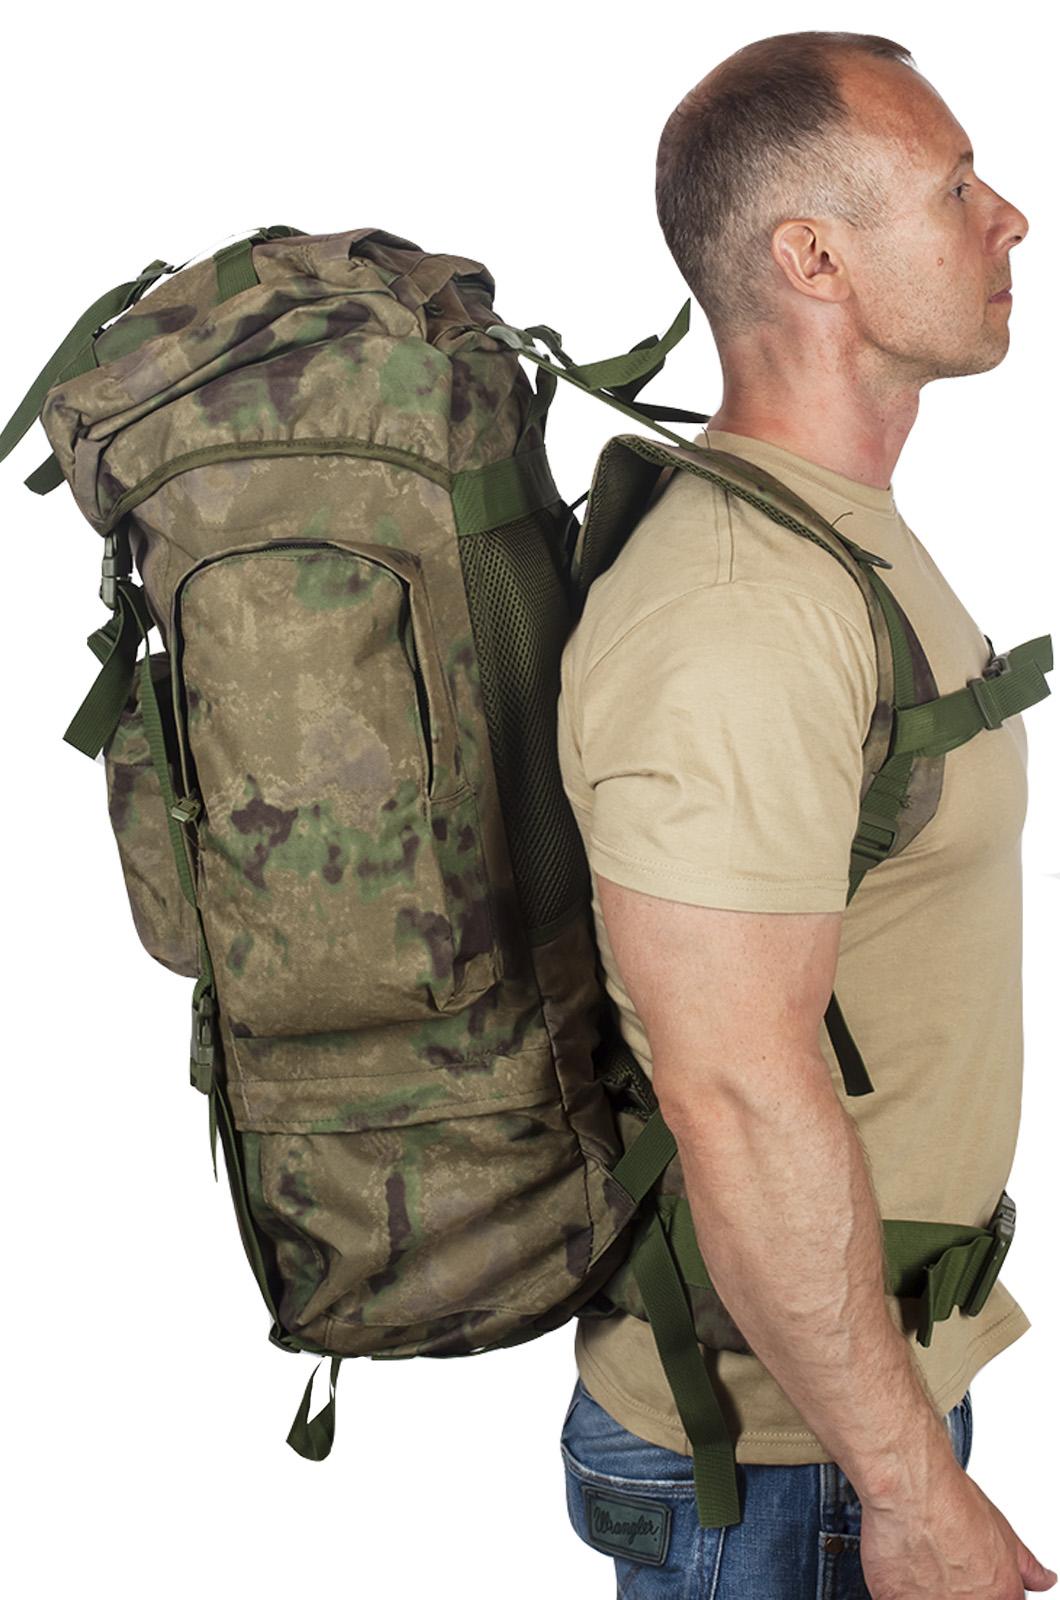 Армейский камуфляжный ранец-рюкзак СПЕЦНАЗ - купить по низкой цене